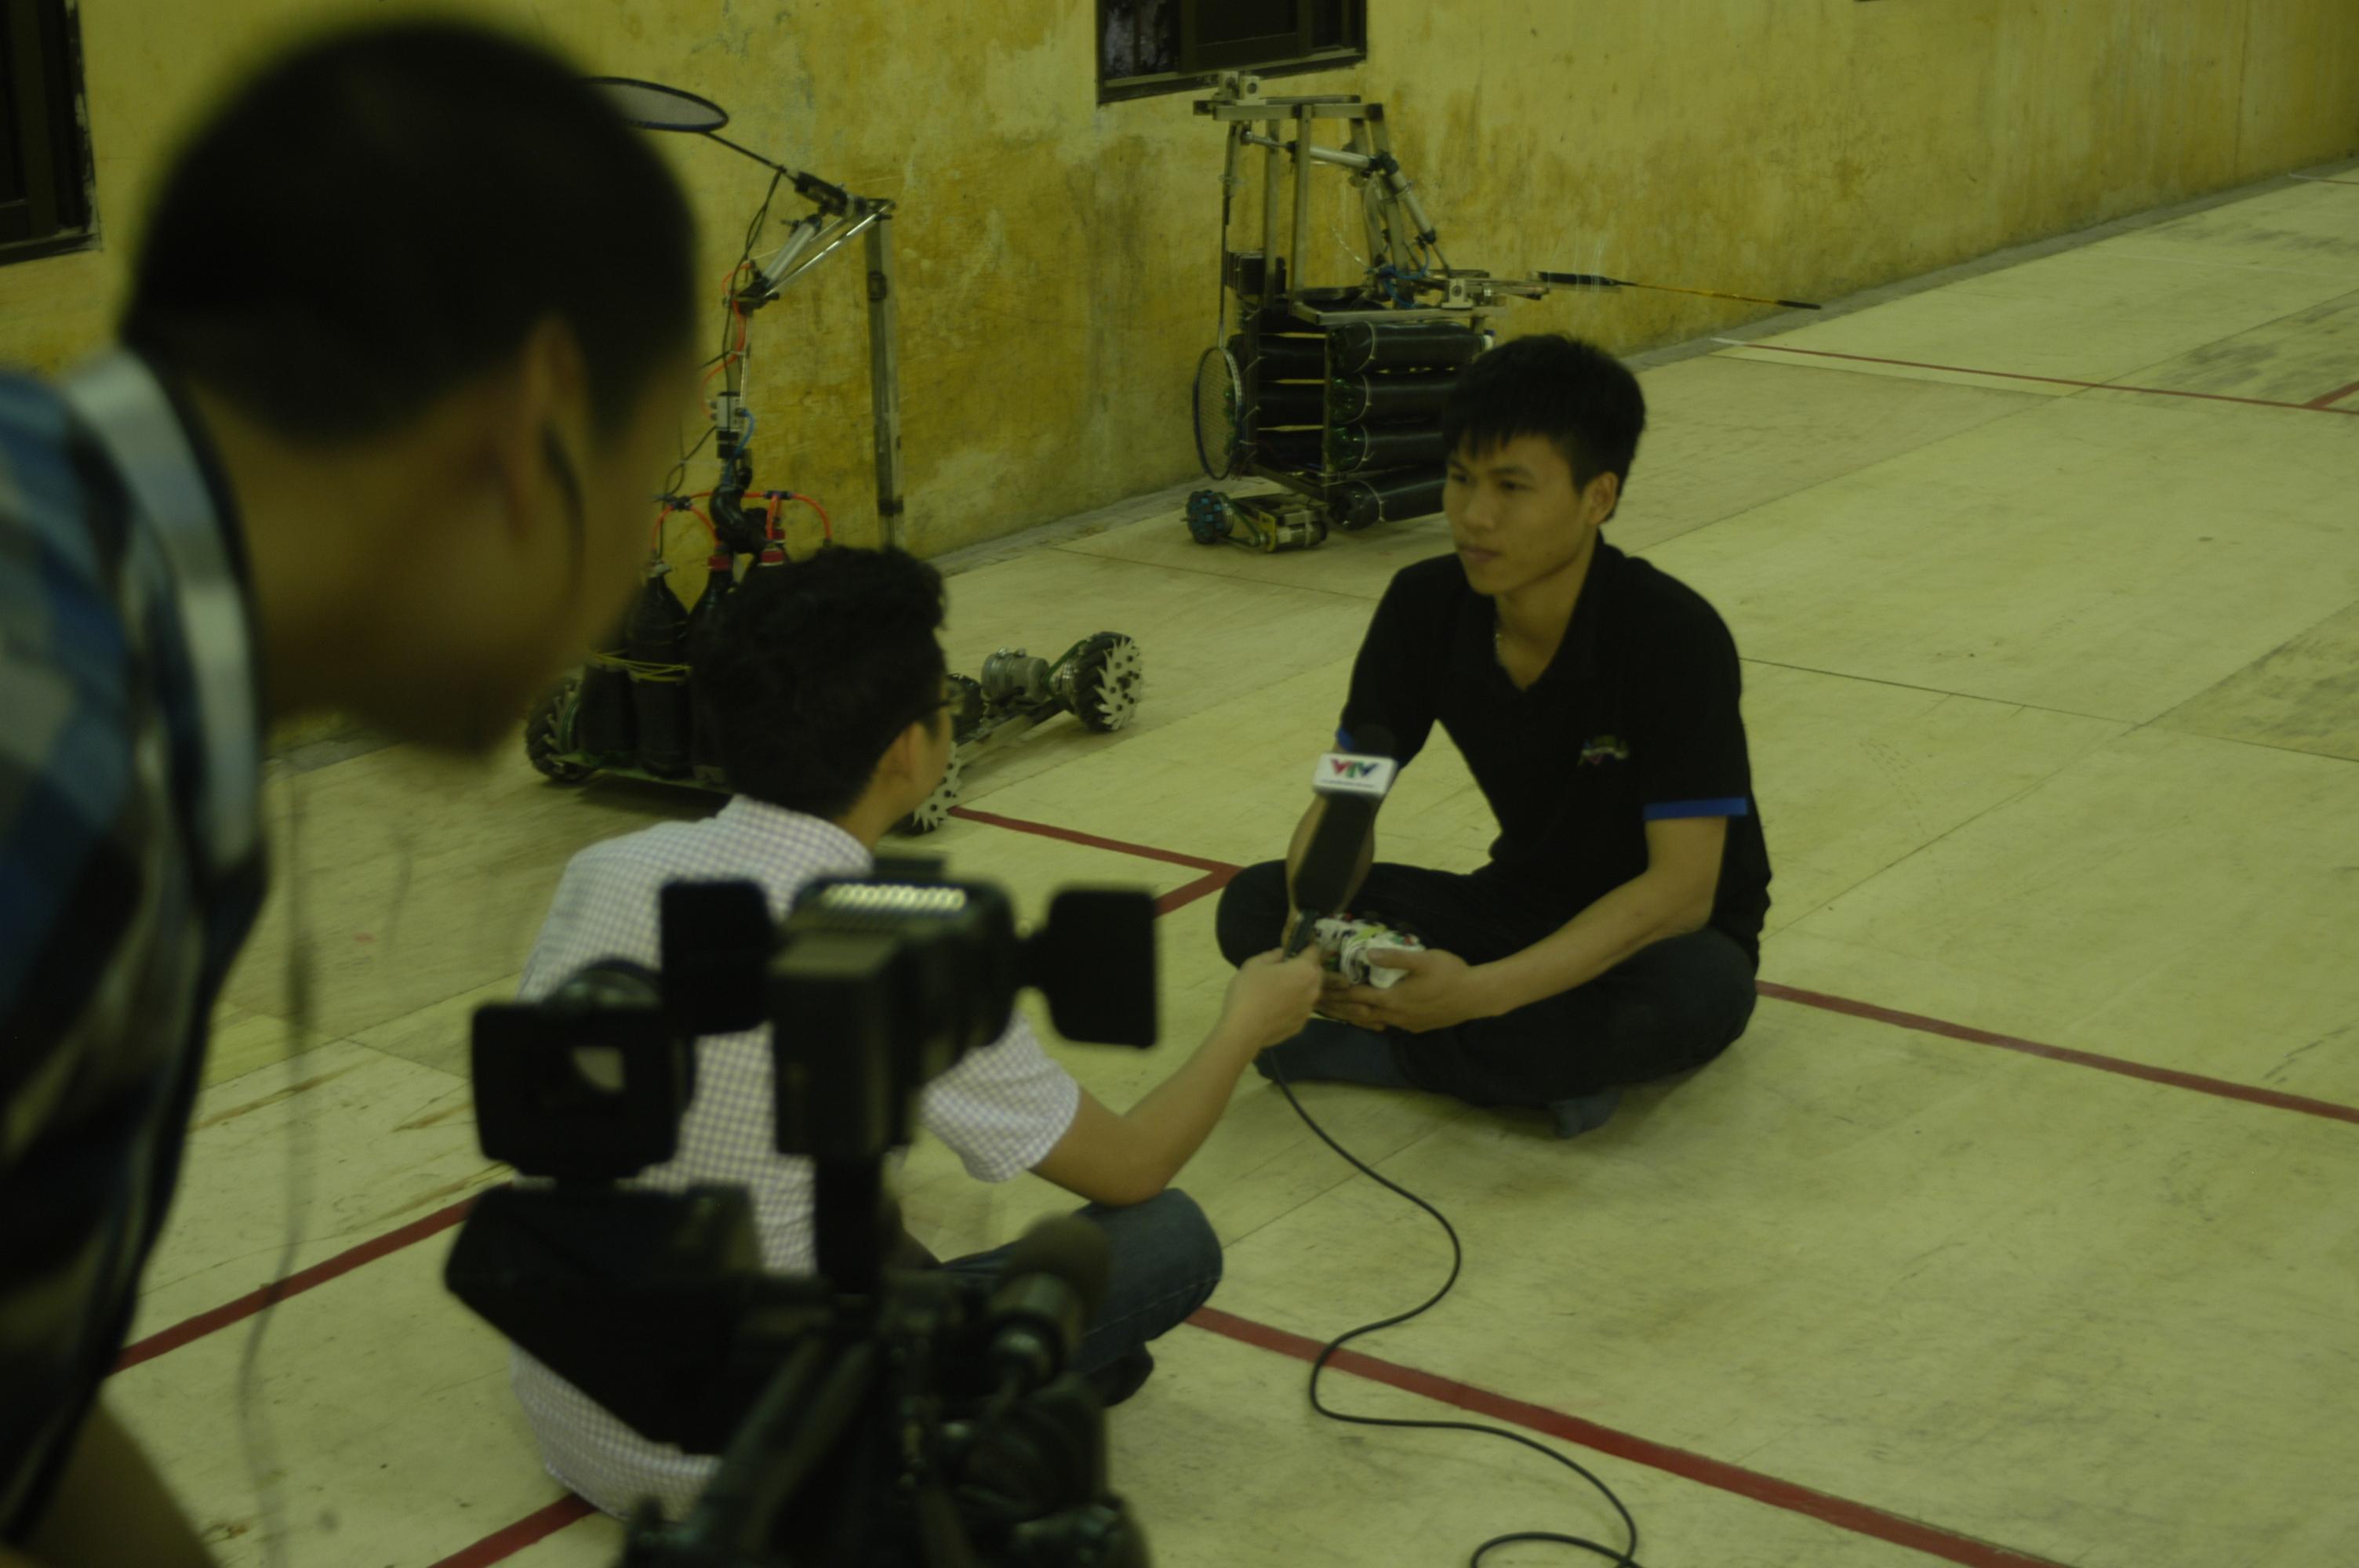 [Roboclub] VTV2 chương trình đồng hành cùng Robot - Robocon Phương Đông đã sẵn sàng...